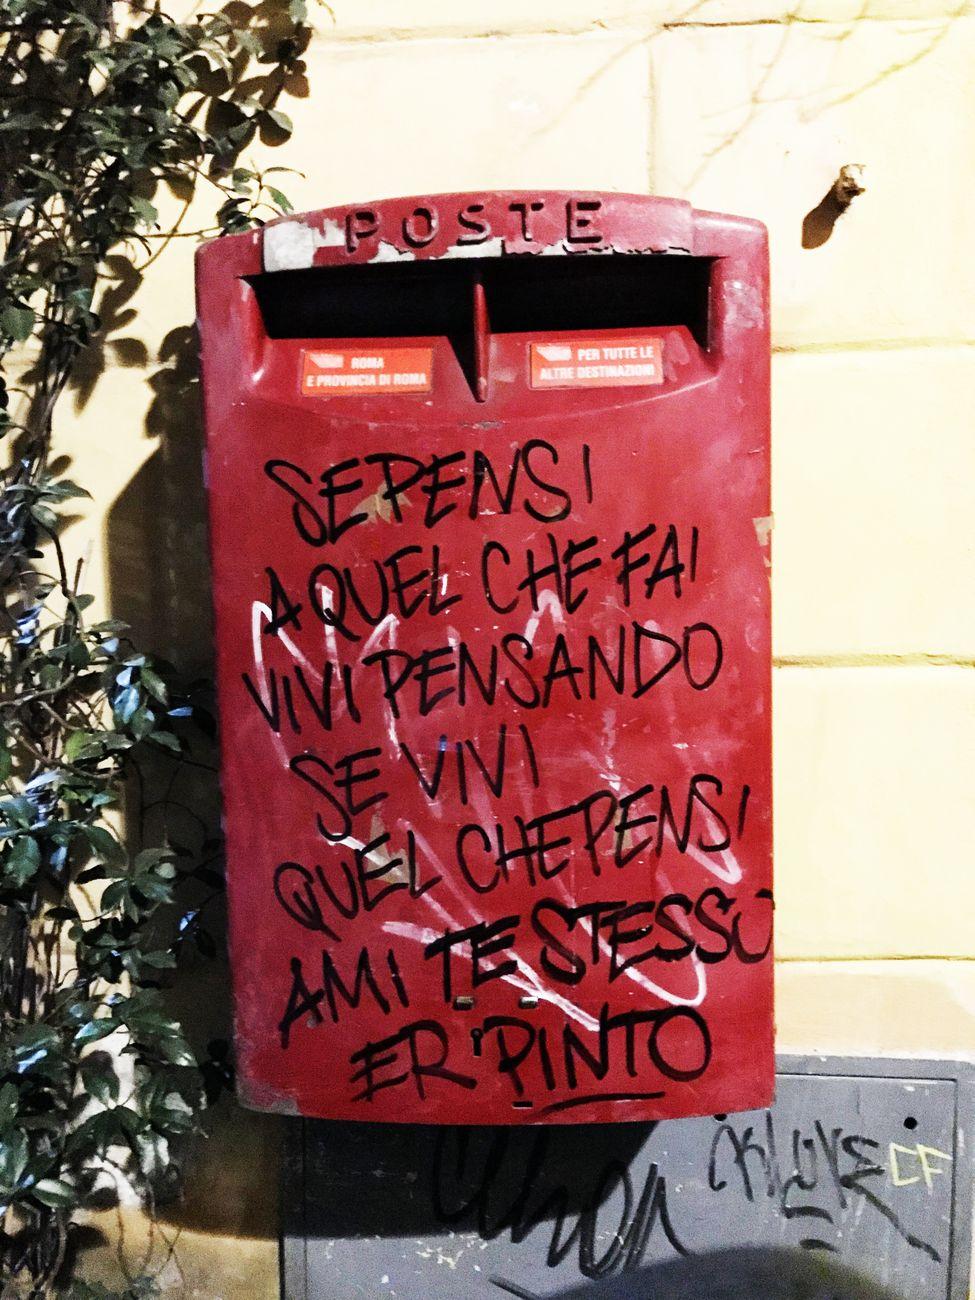 Er Pinto, Quartiere Trastevere, Roma, 2017